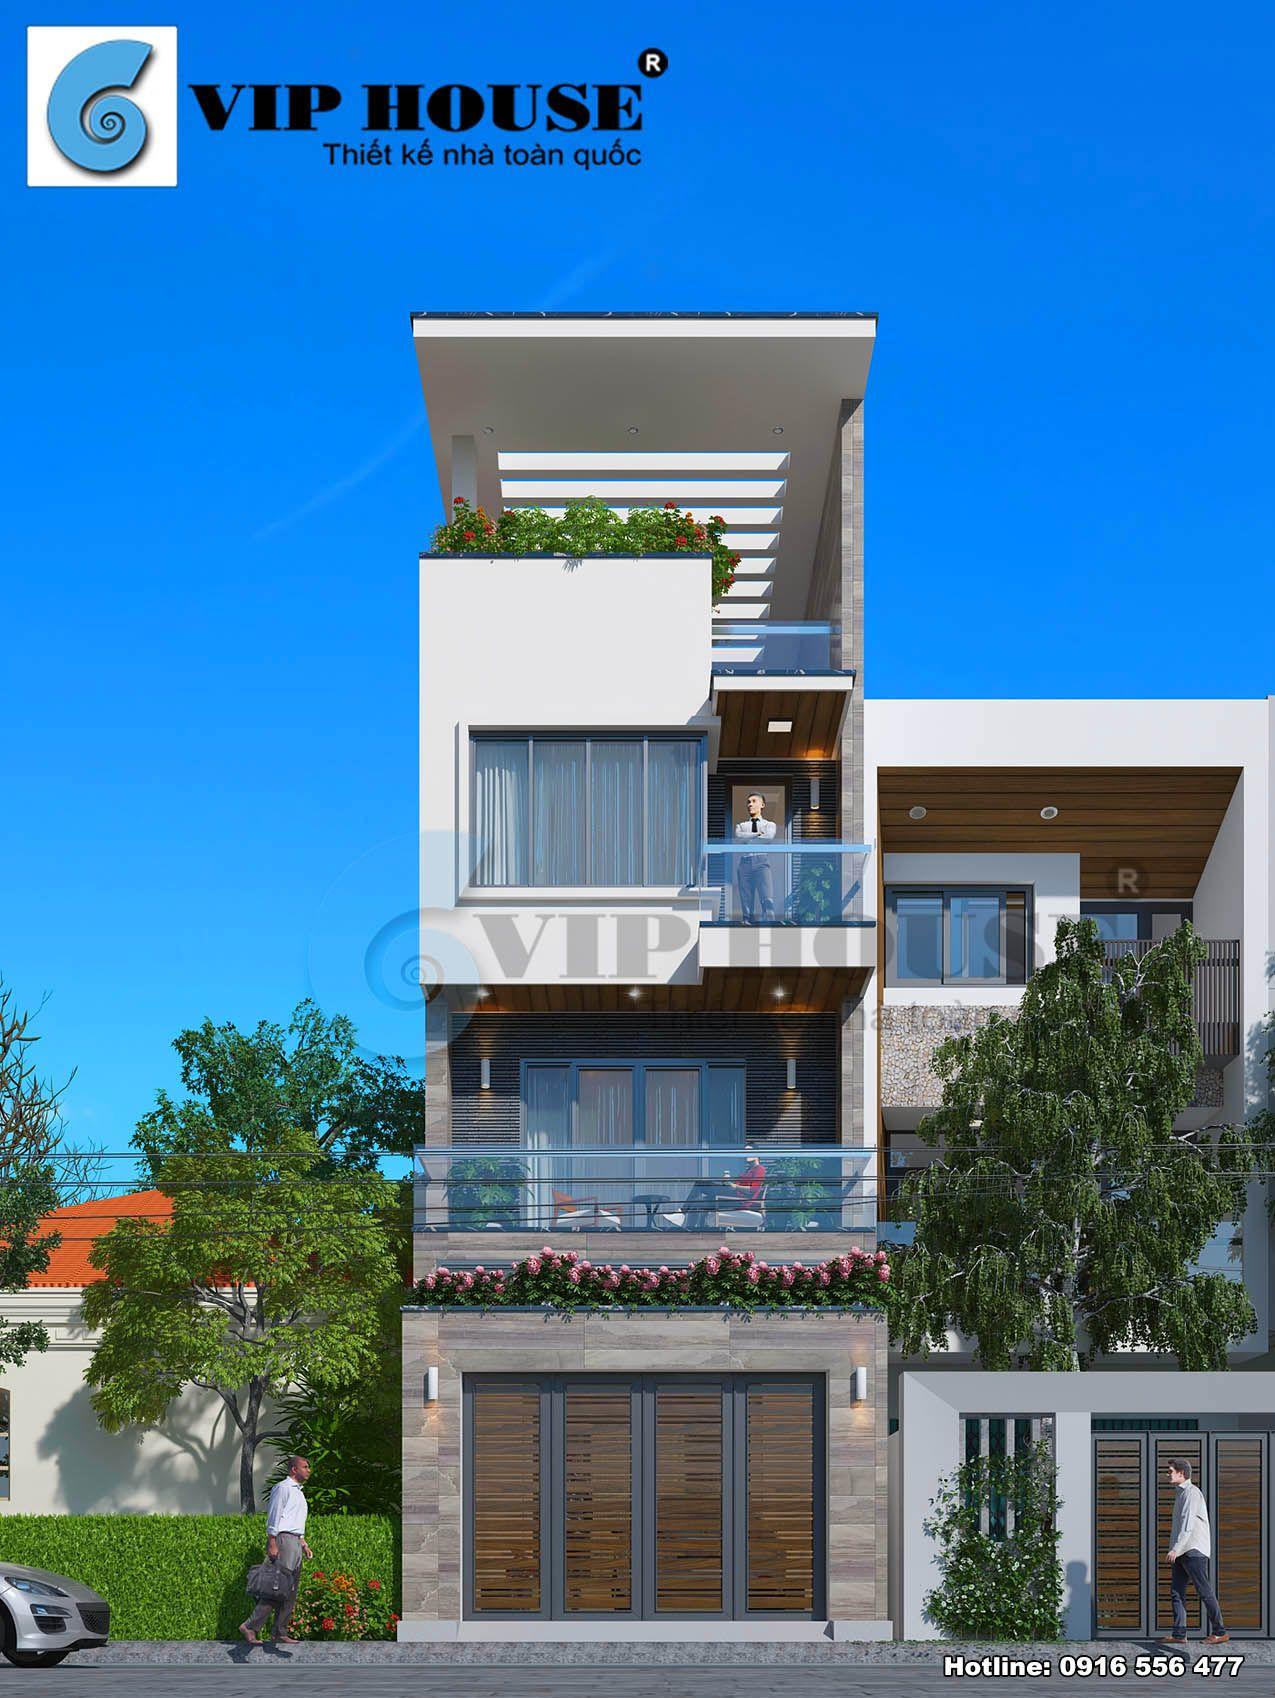 Thiết kế nhà phố 4 tầng hiện đại mặt tiền 5m tại Bắc Ninh - phối cảnh mặt tiền đẹp độc đáo